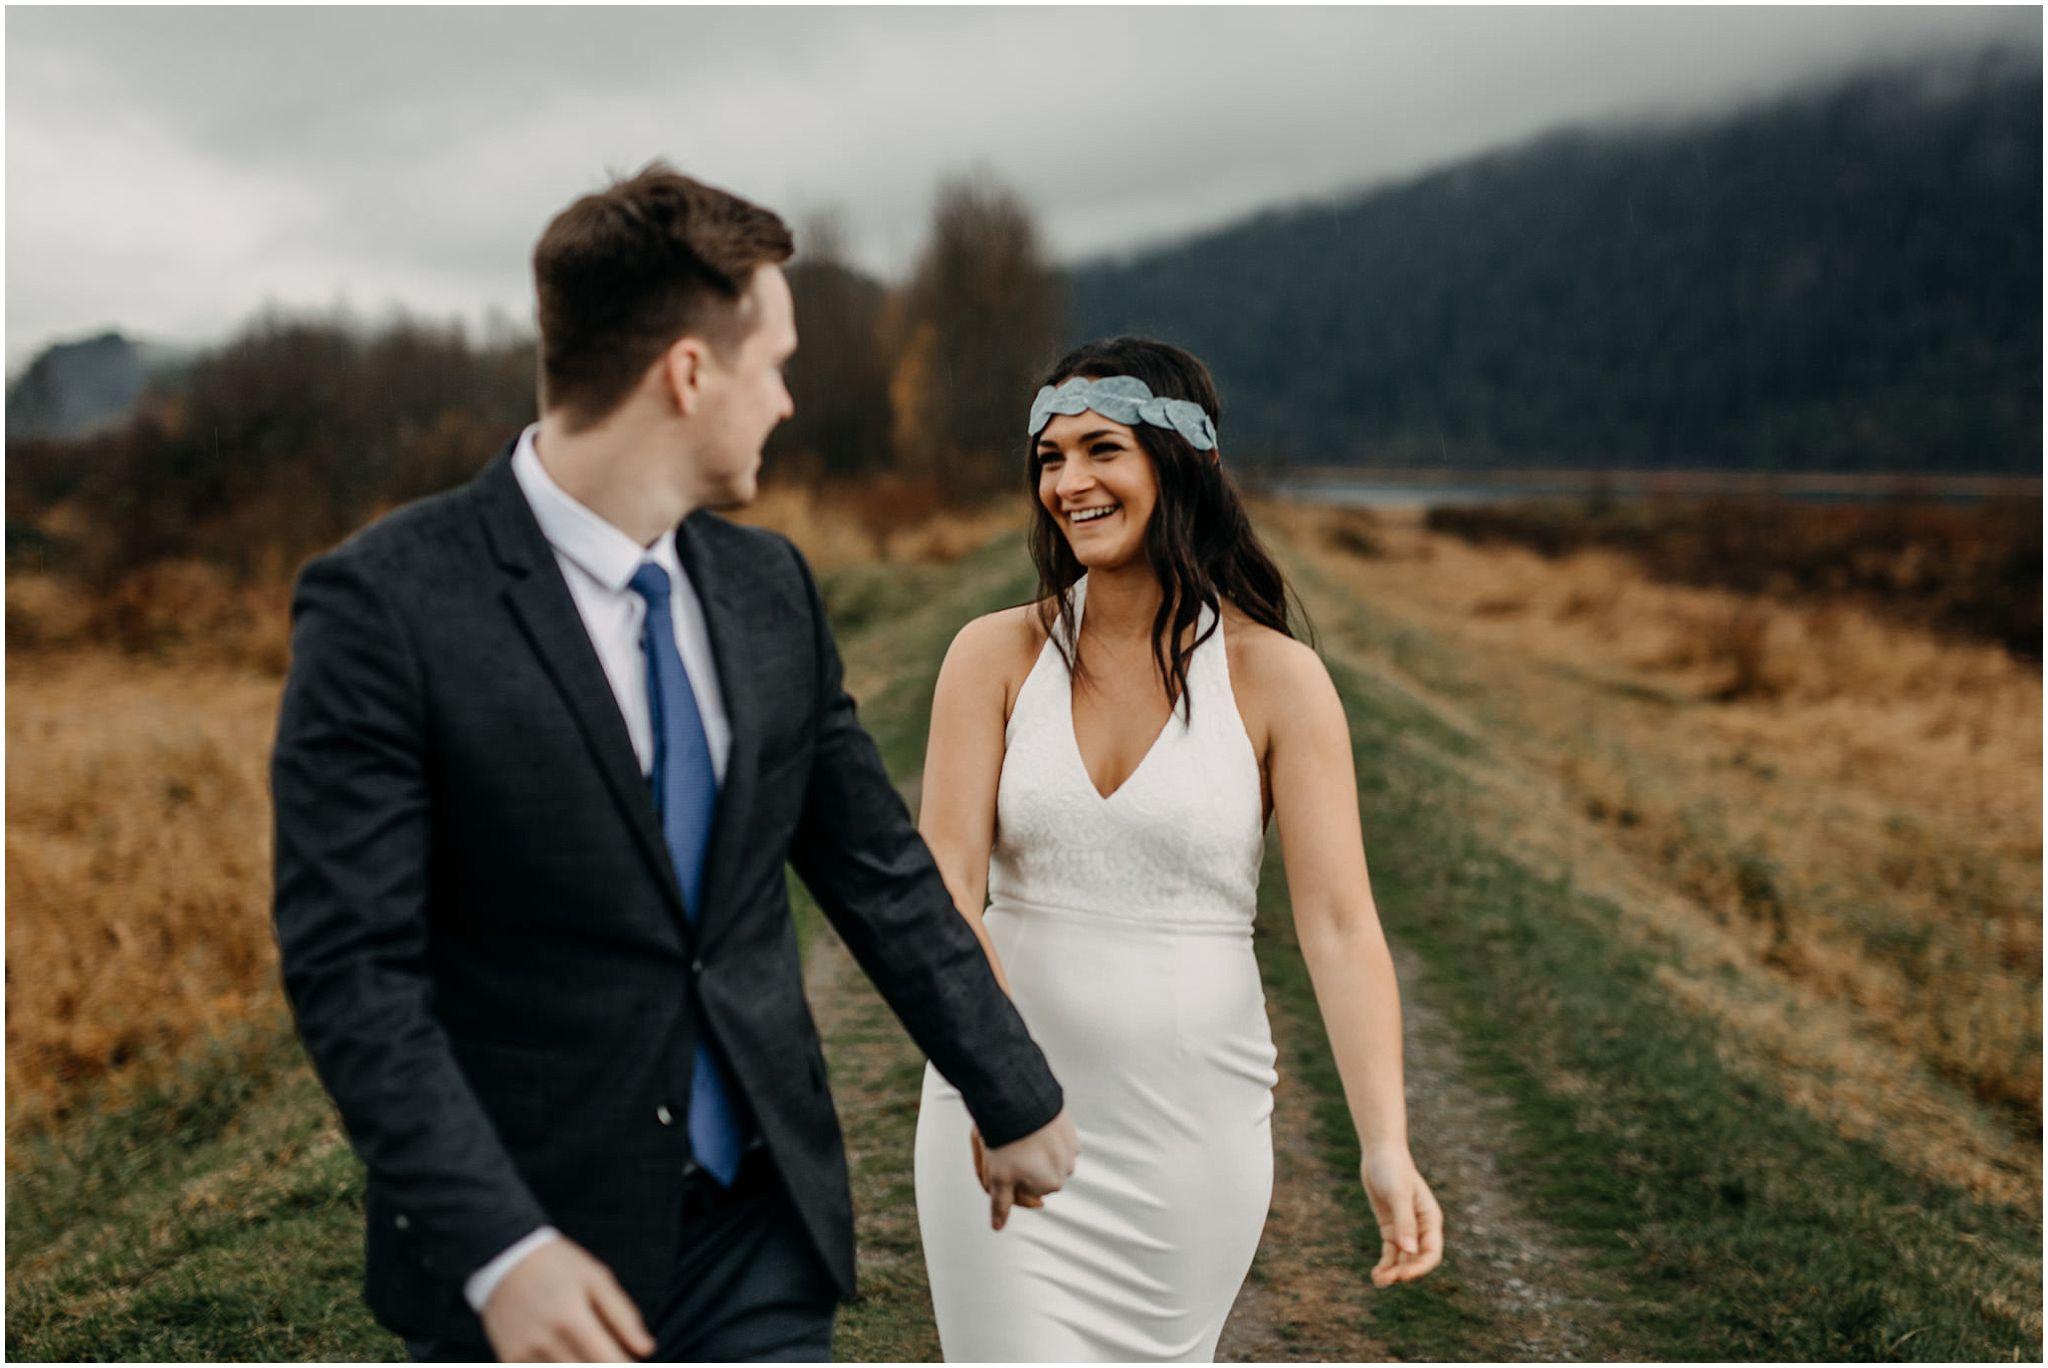 guy leading girl walk smile pitt lake marsh engagement